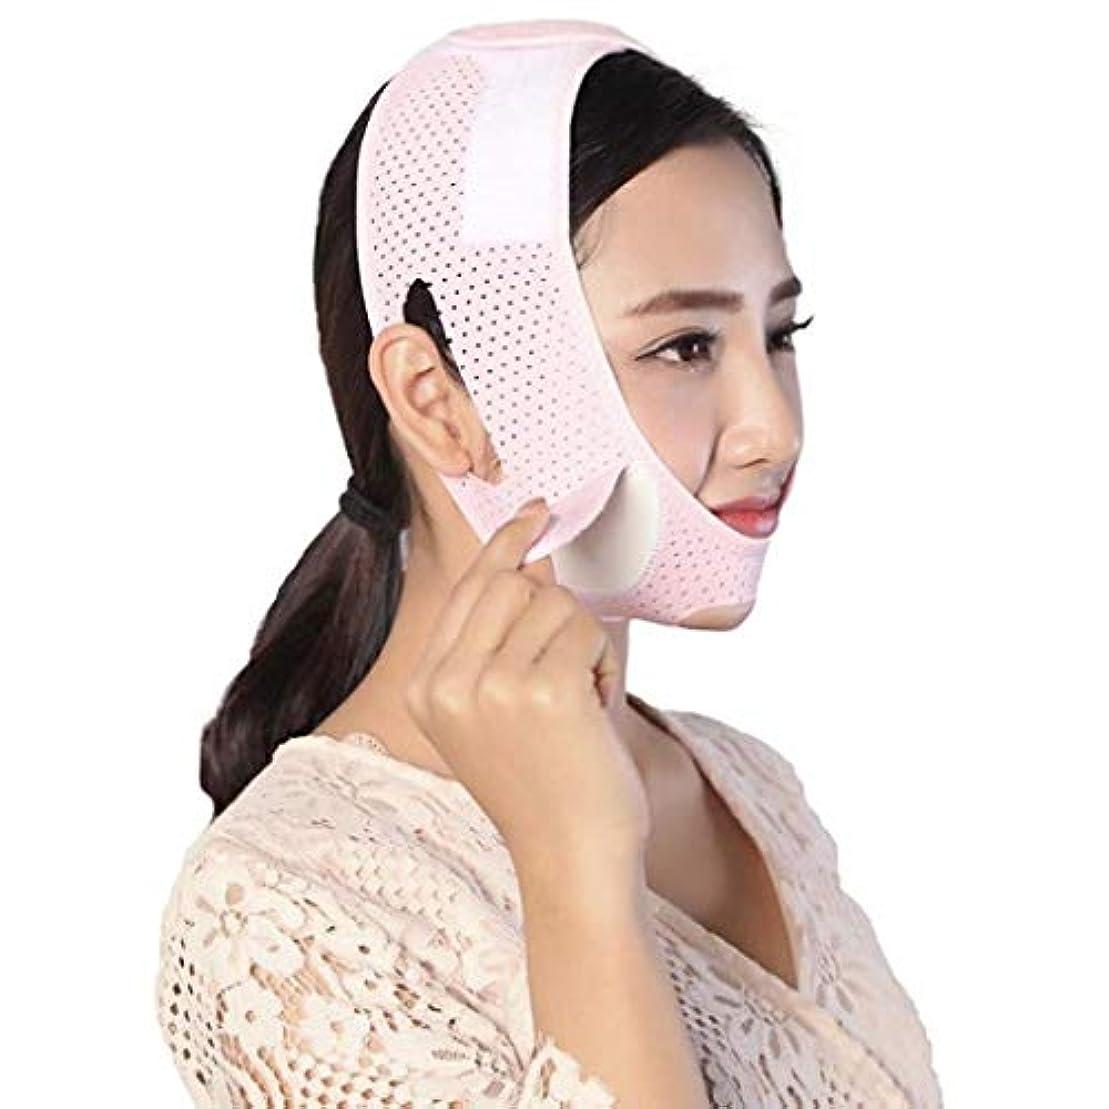 ブッシュ祝福認めるVフェイスリフティング痩身Vフェイスマスクフルカバレッジ包帯減らす顔の二重あごケア減量美容ベルト通気性